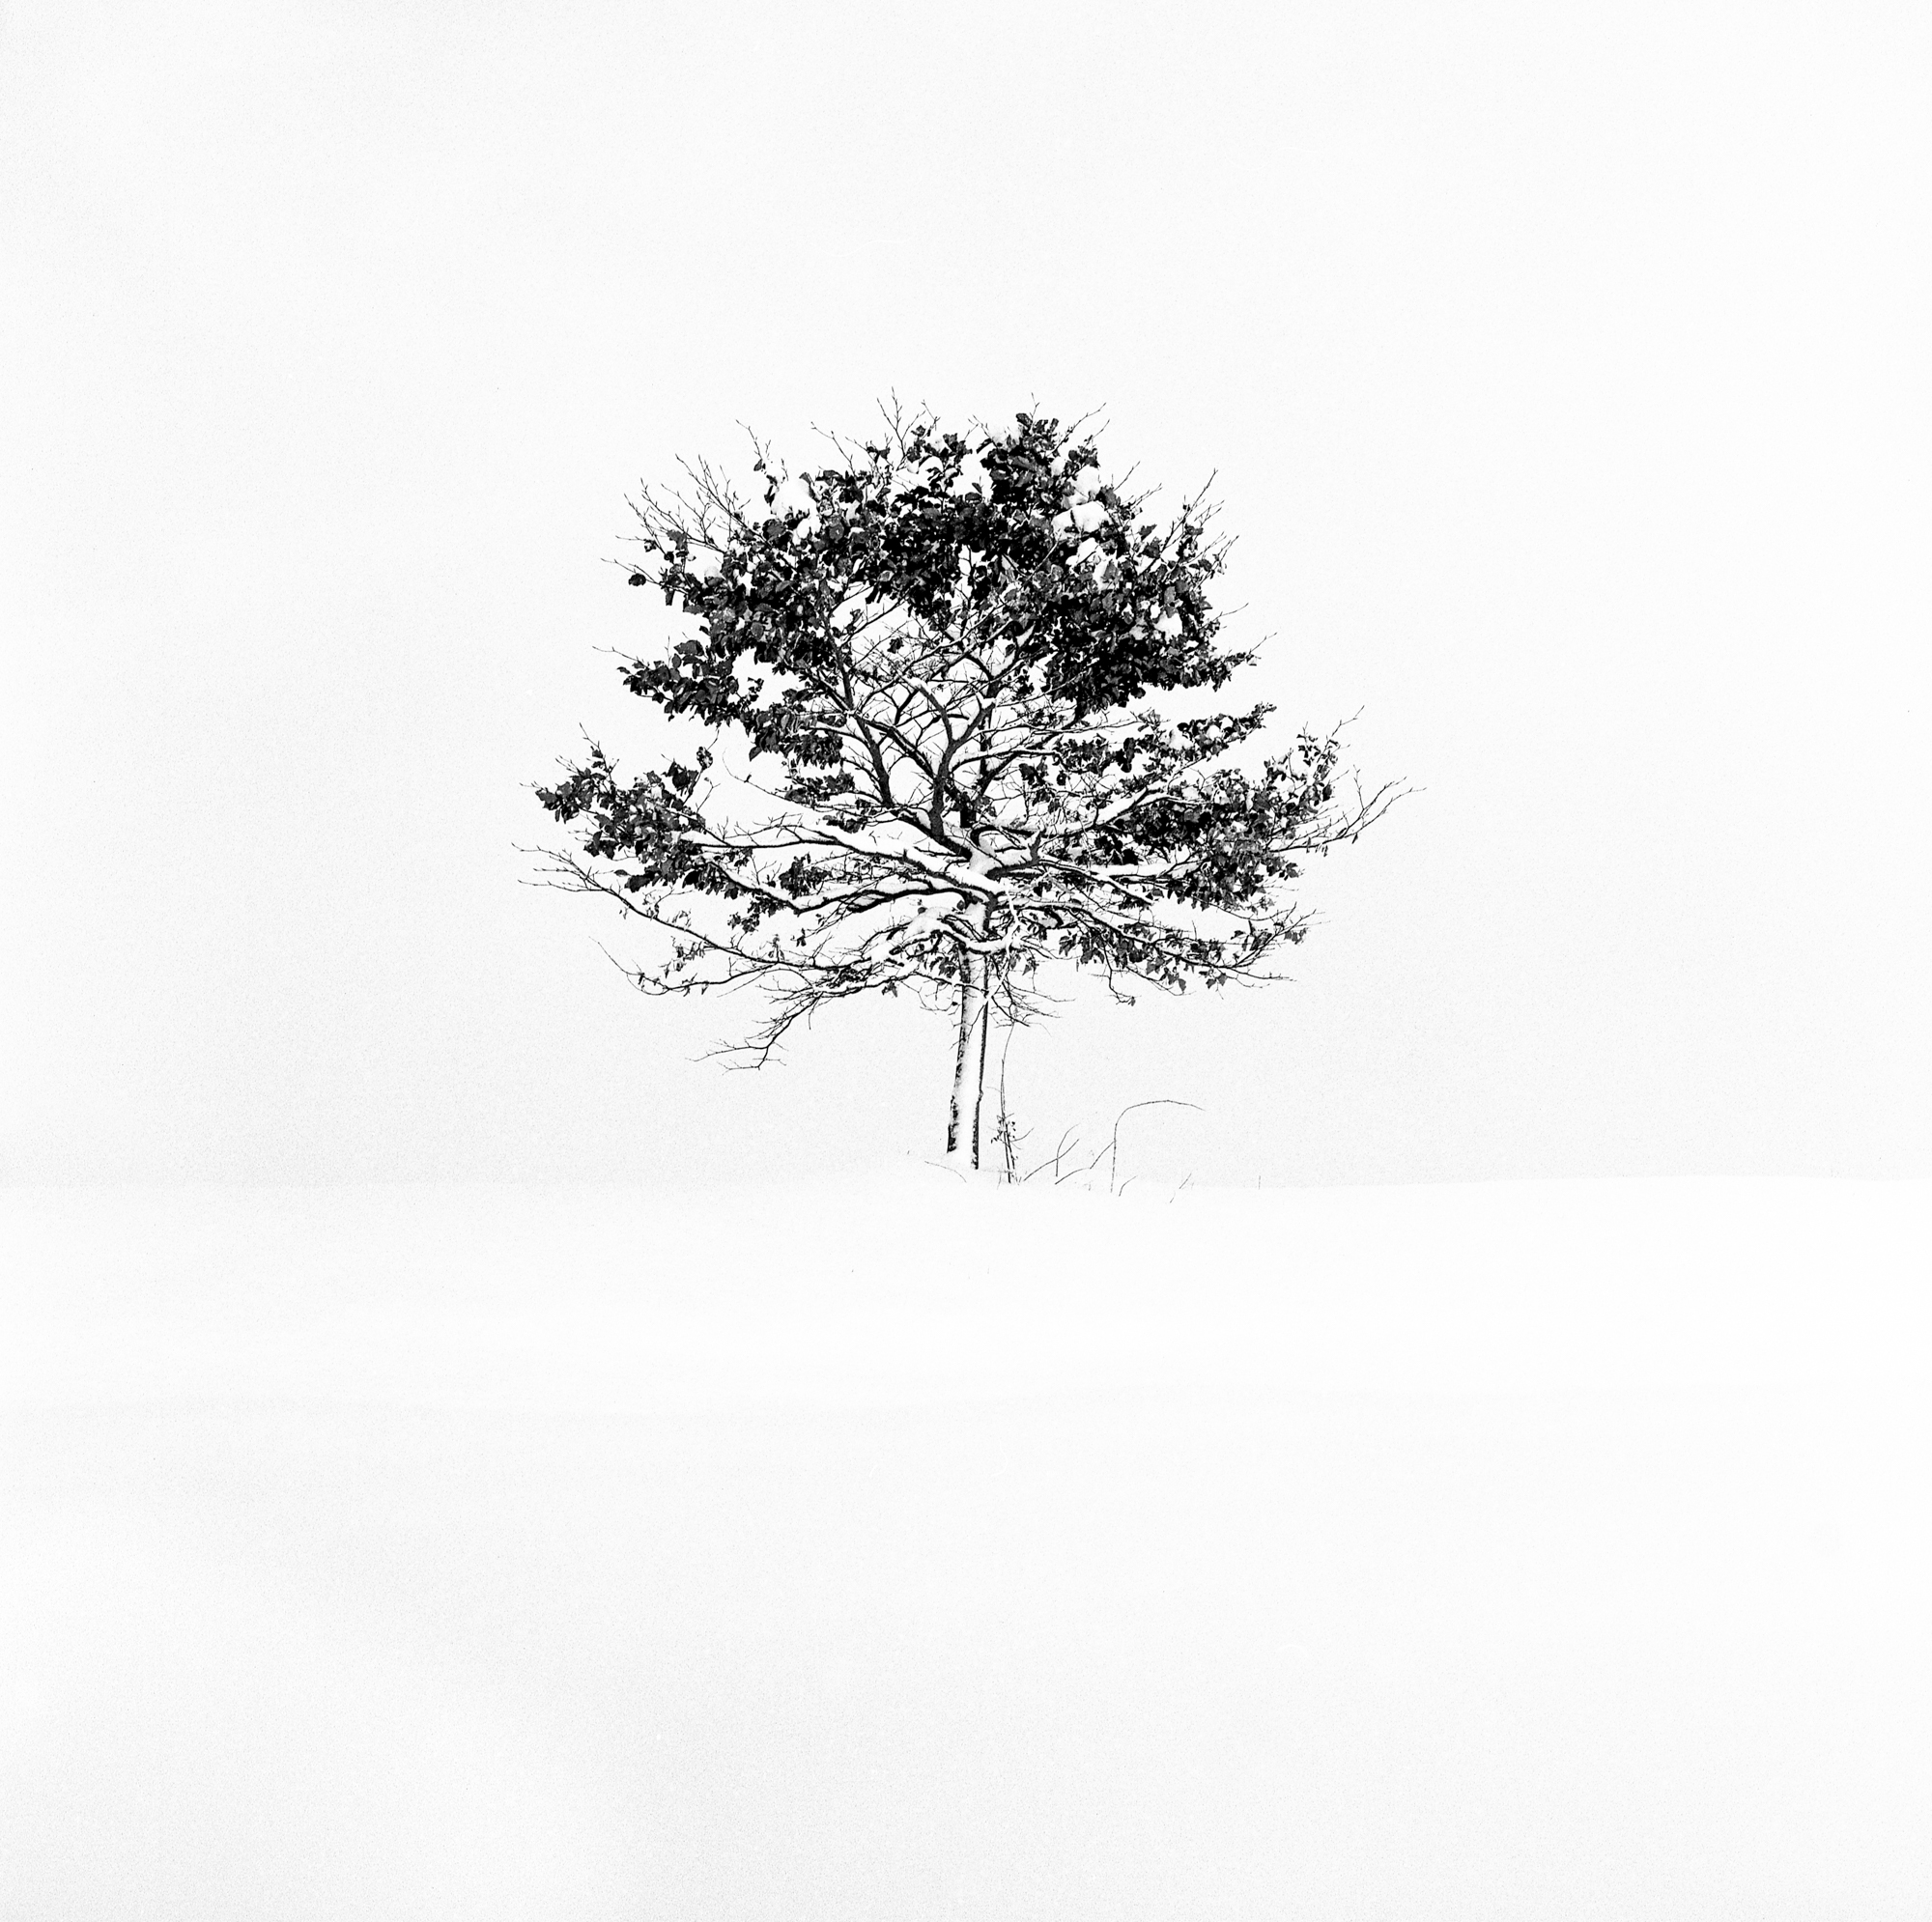 Snow-28006-2.jpg